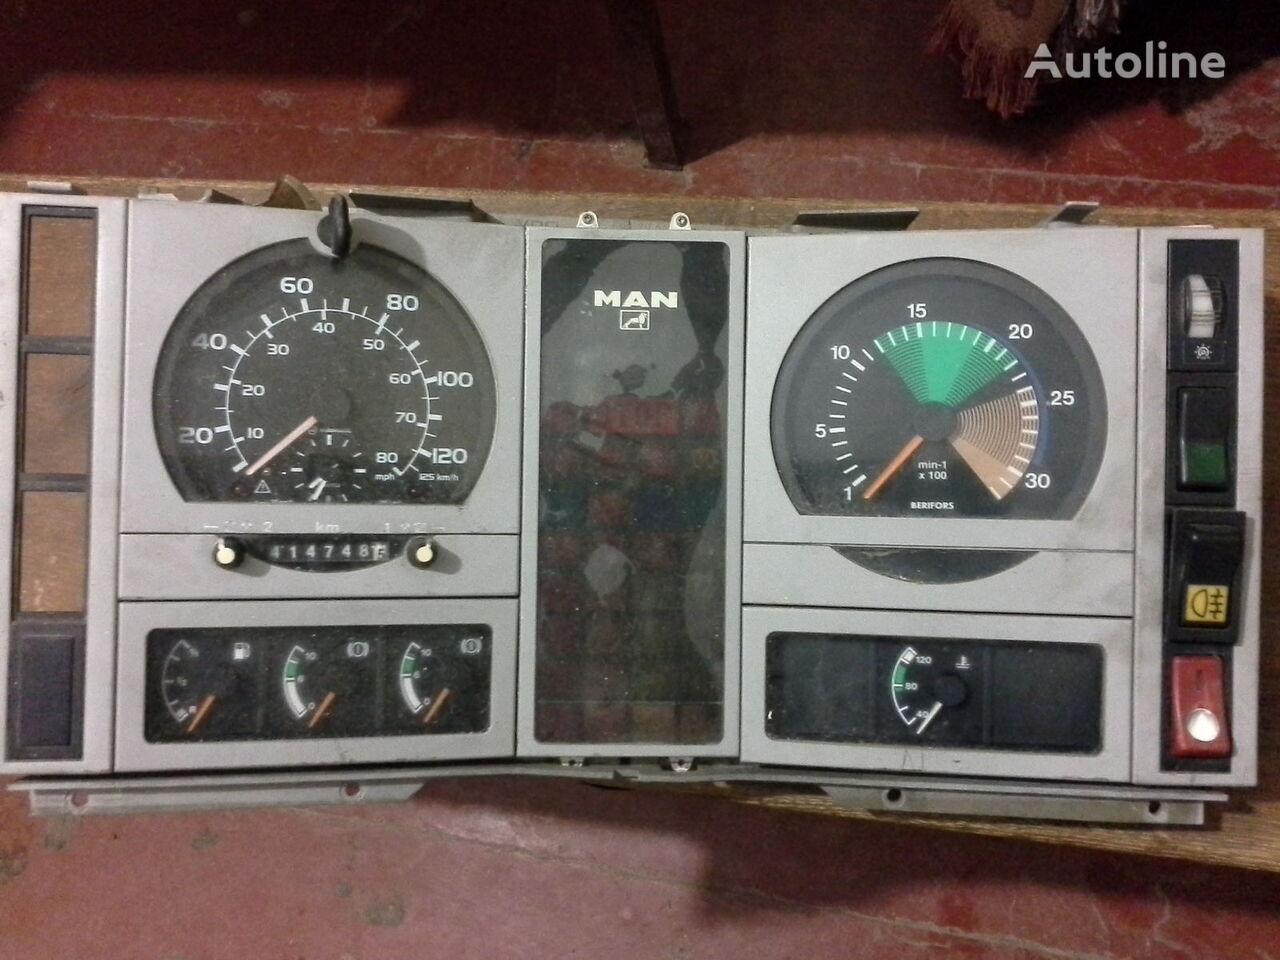 тахограф MAN Спідометр Тахометр оригінальні запчасті кабіни для грузовика MAN  L2000 По запчастям